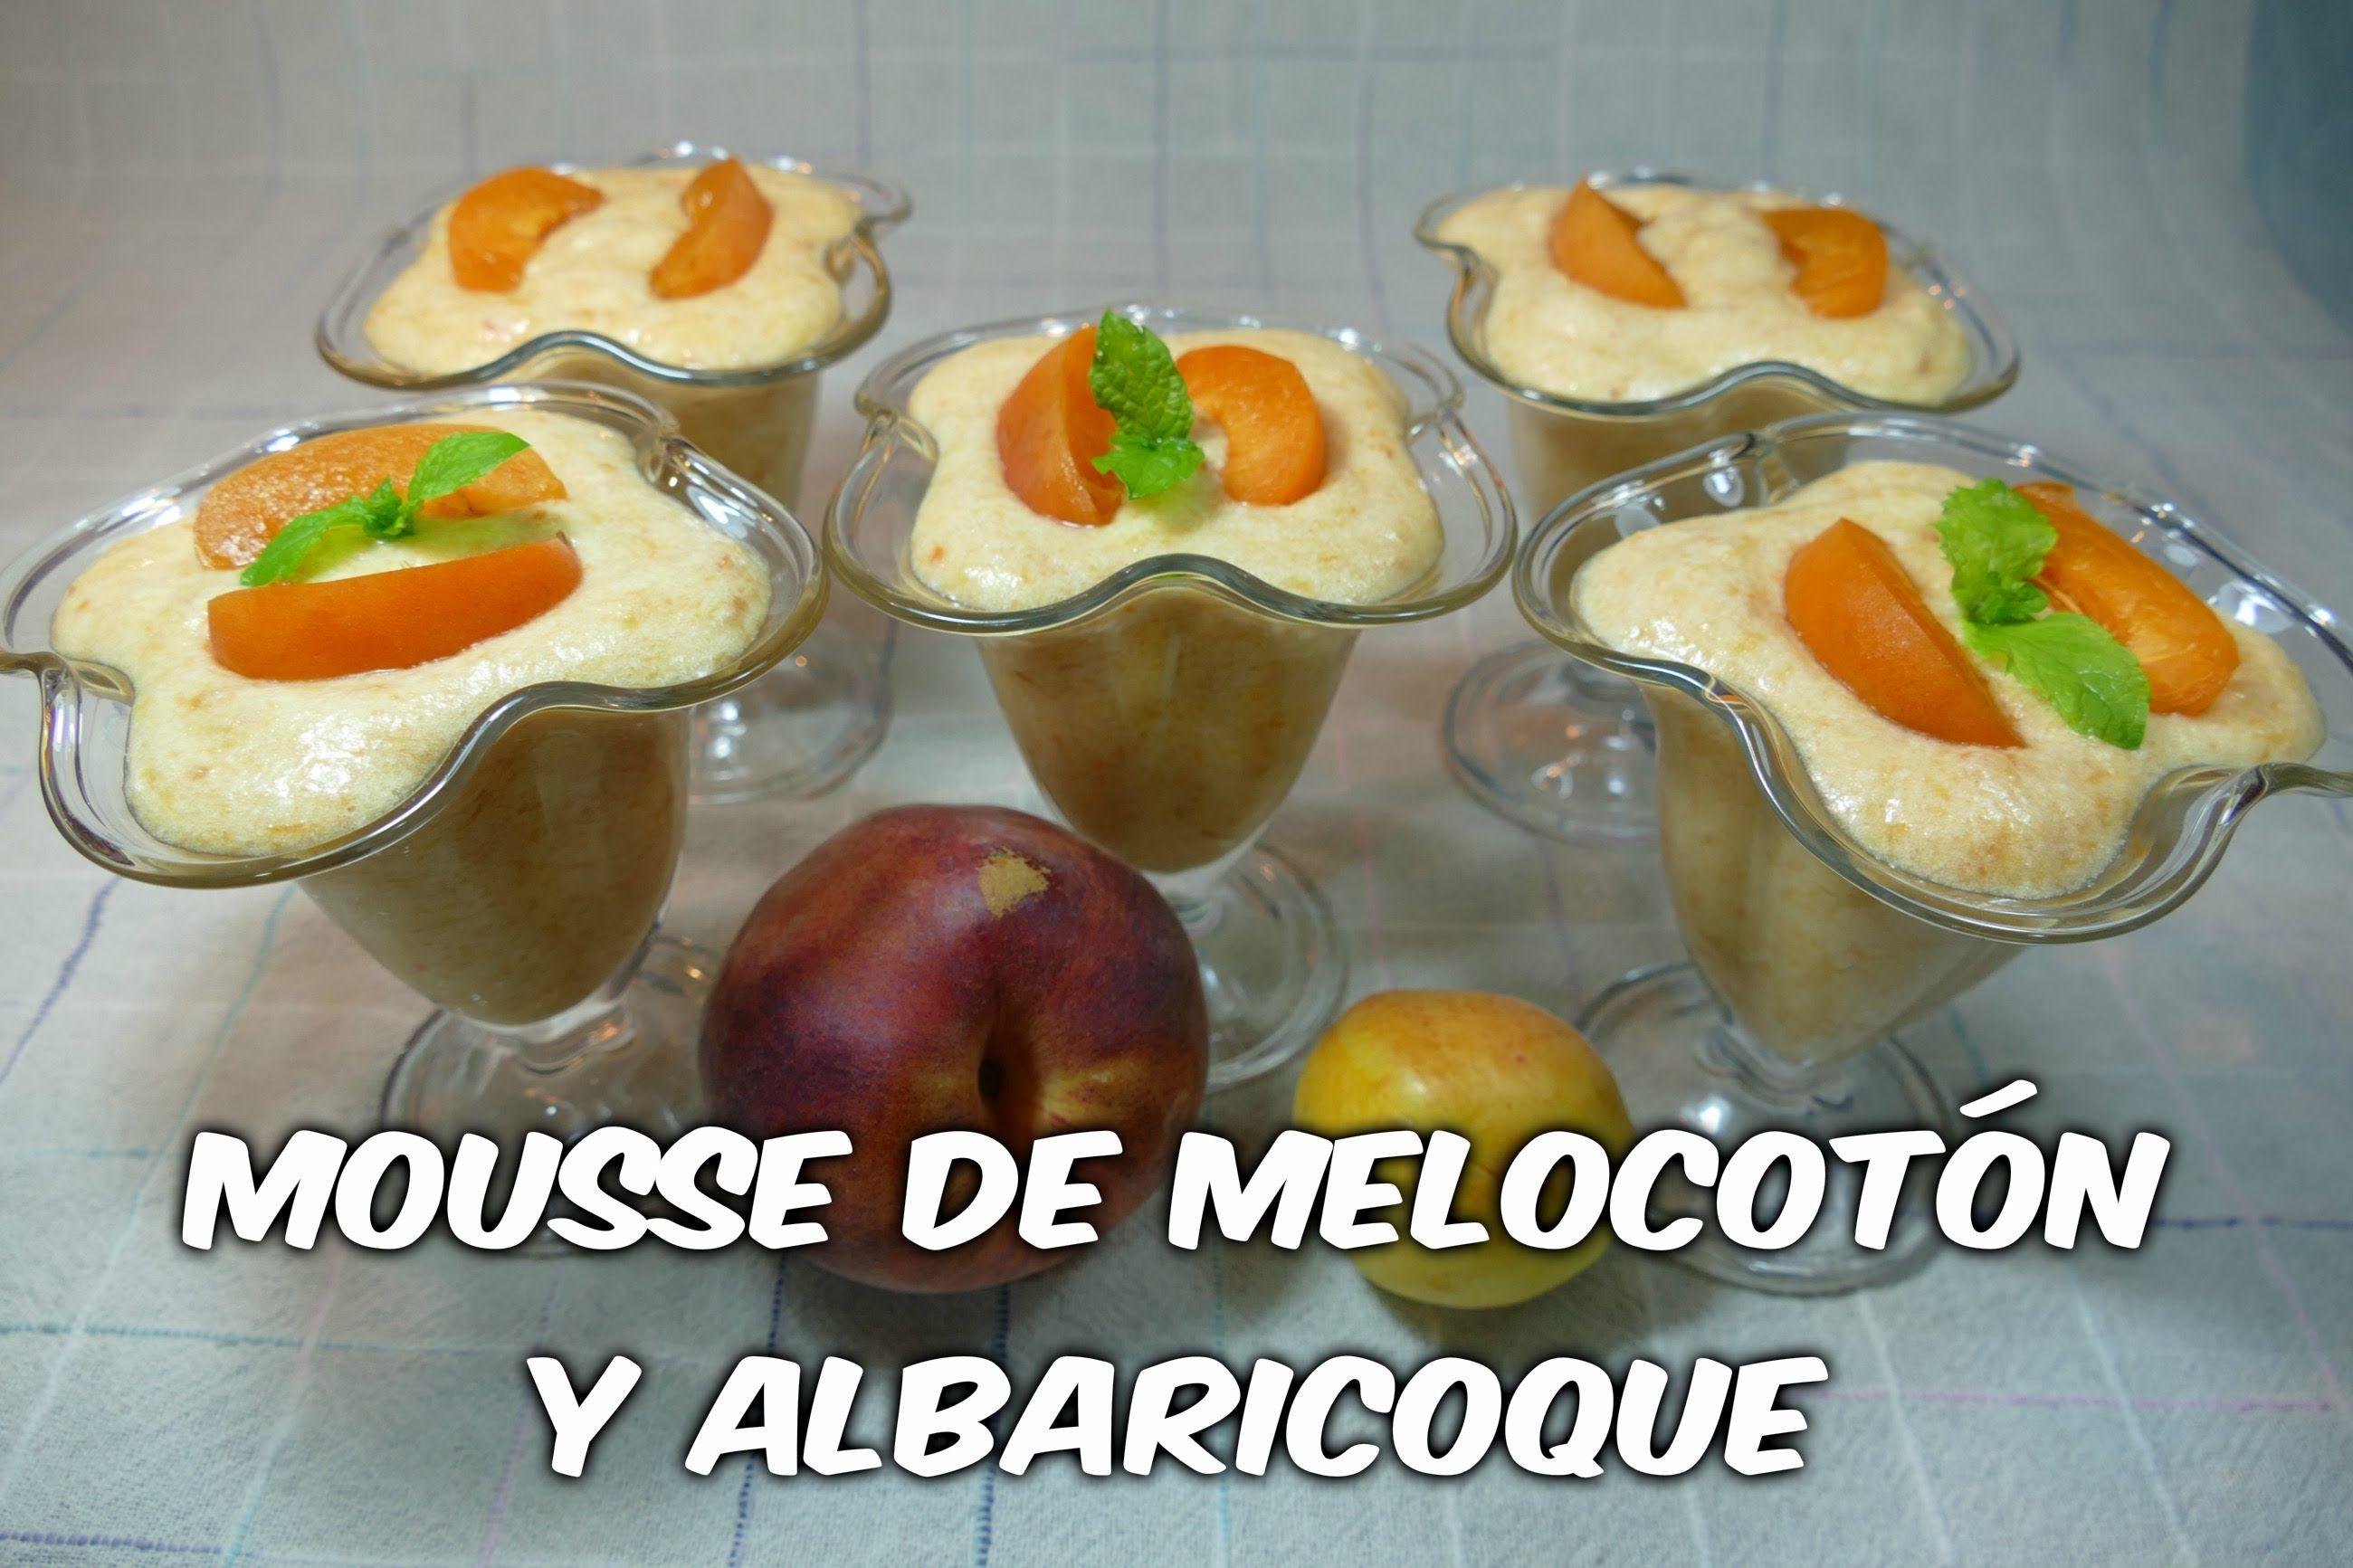 Mousse de Melocotón y Albaricoque fácil - Youtube